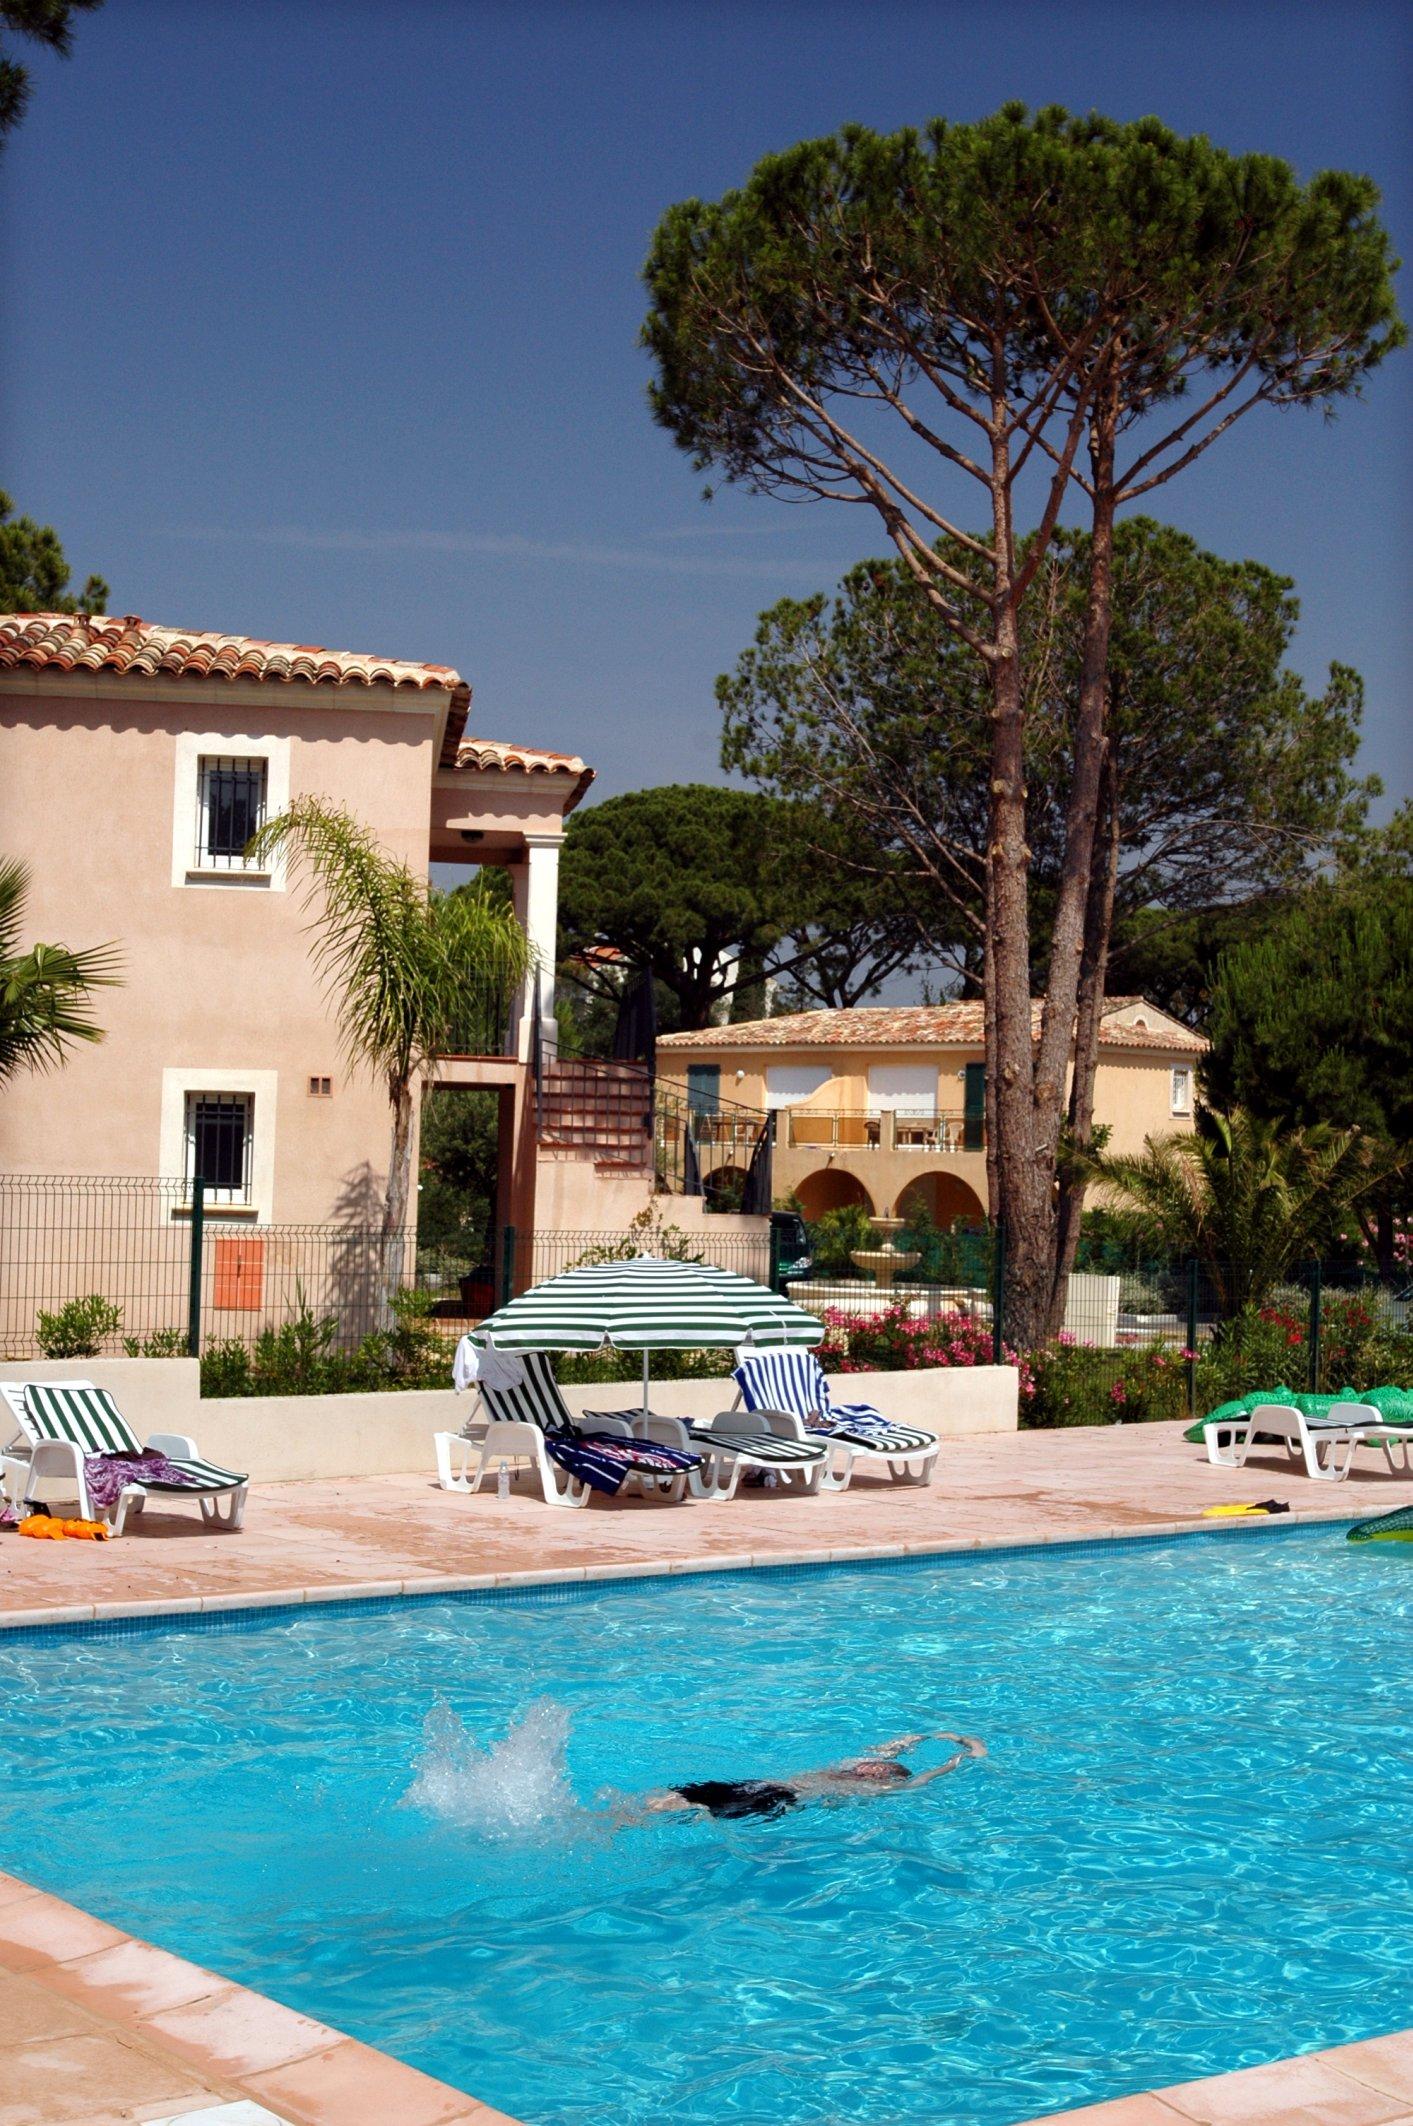 Ferienwohnung Gassin/St. Tropez 2p5 Le Clos (1063856), Gassin, Côte d'Azur, Provence - Alpen - Côte d'Azur, Frankreich, Bild 12